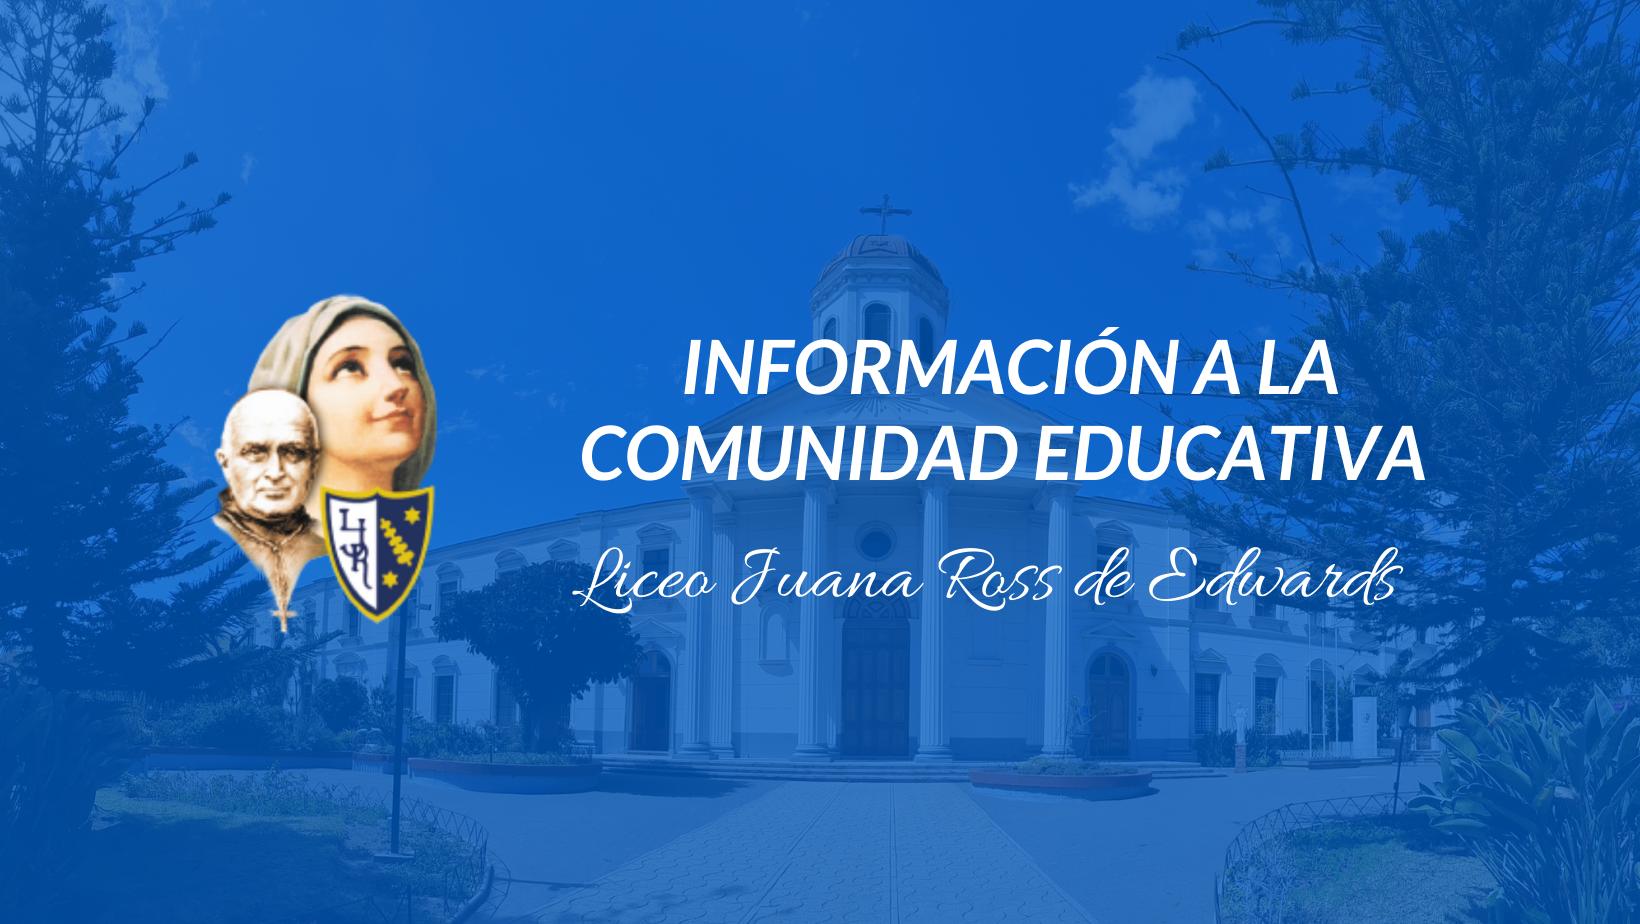 Información – LJR